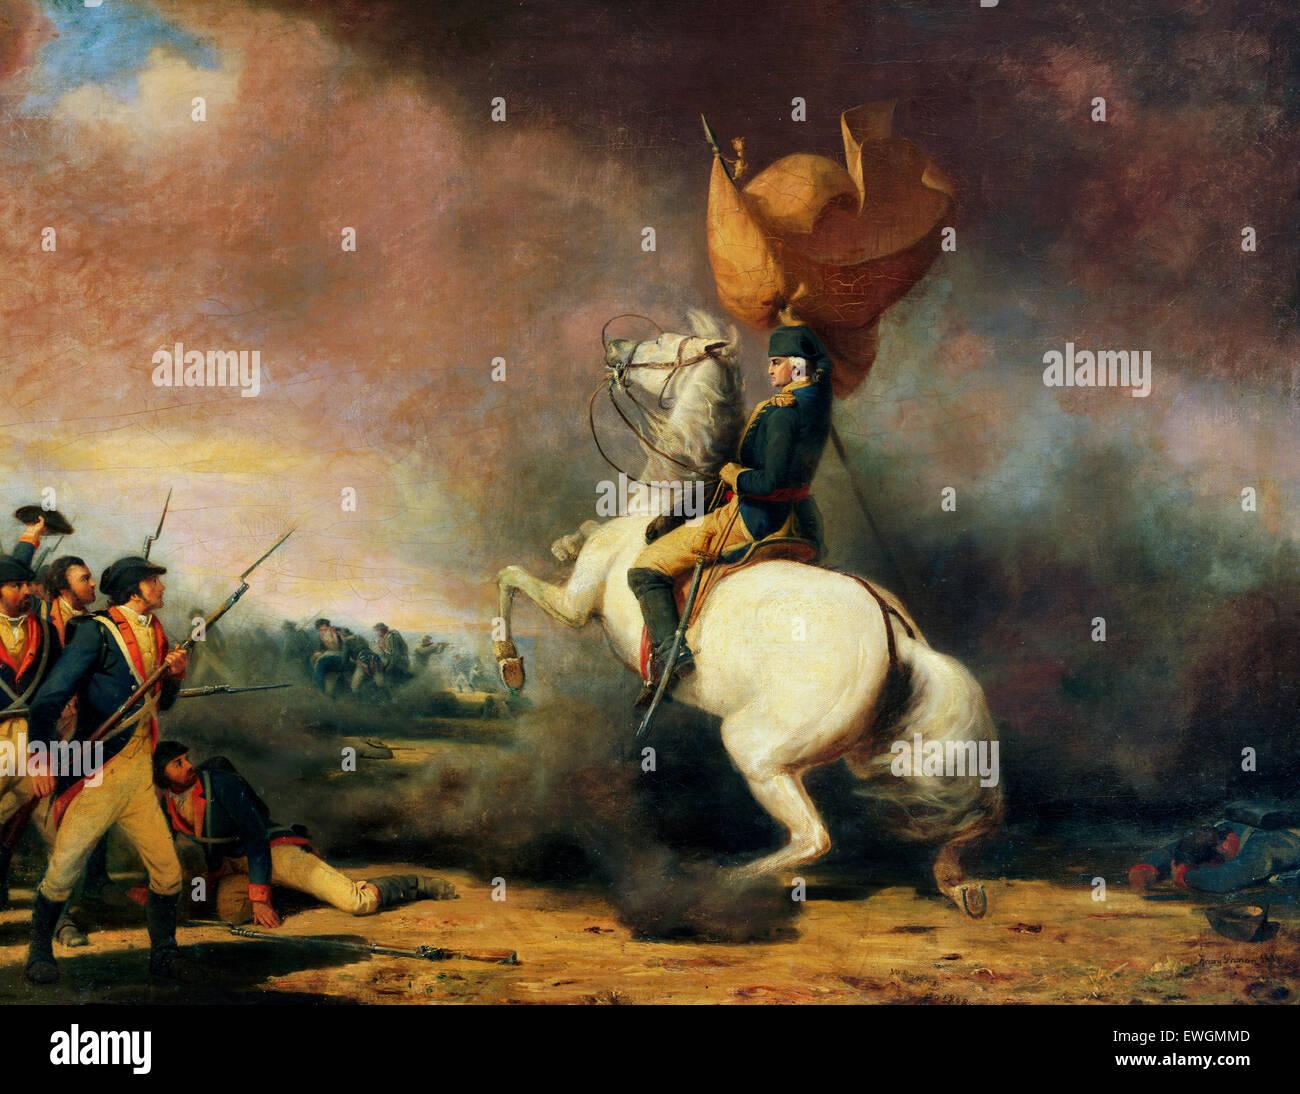 General George Washington seine Truppen bei der Schlacht von Princeton Rallyesport.  1777 William Tylee Ranney Stockbild